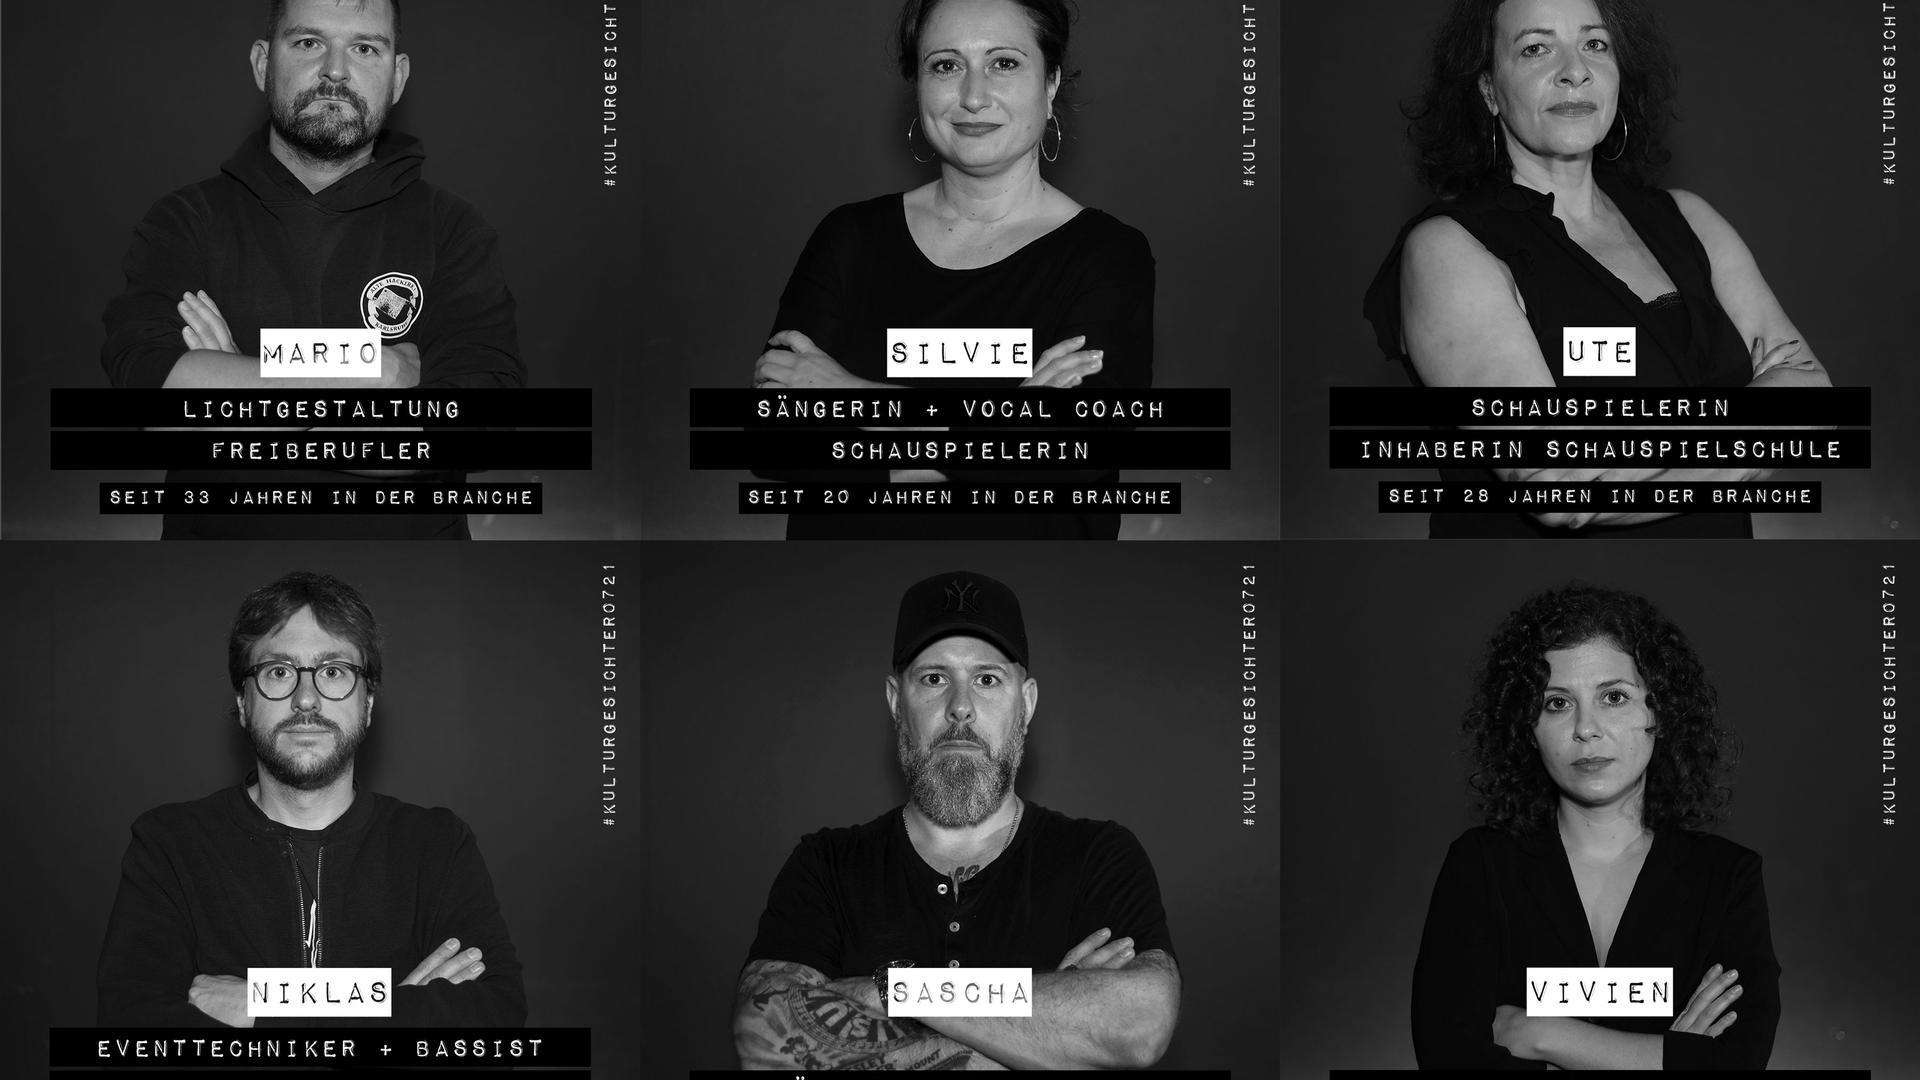 """Sechs Motive aus dem ersten Fotoshooting zur Internet-Initiative """"Kulturgesichter0721"""" im Oktober 2020"""